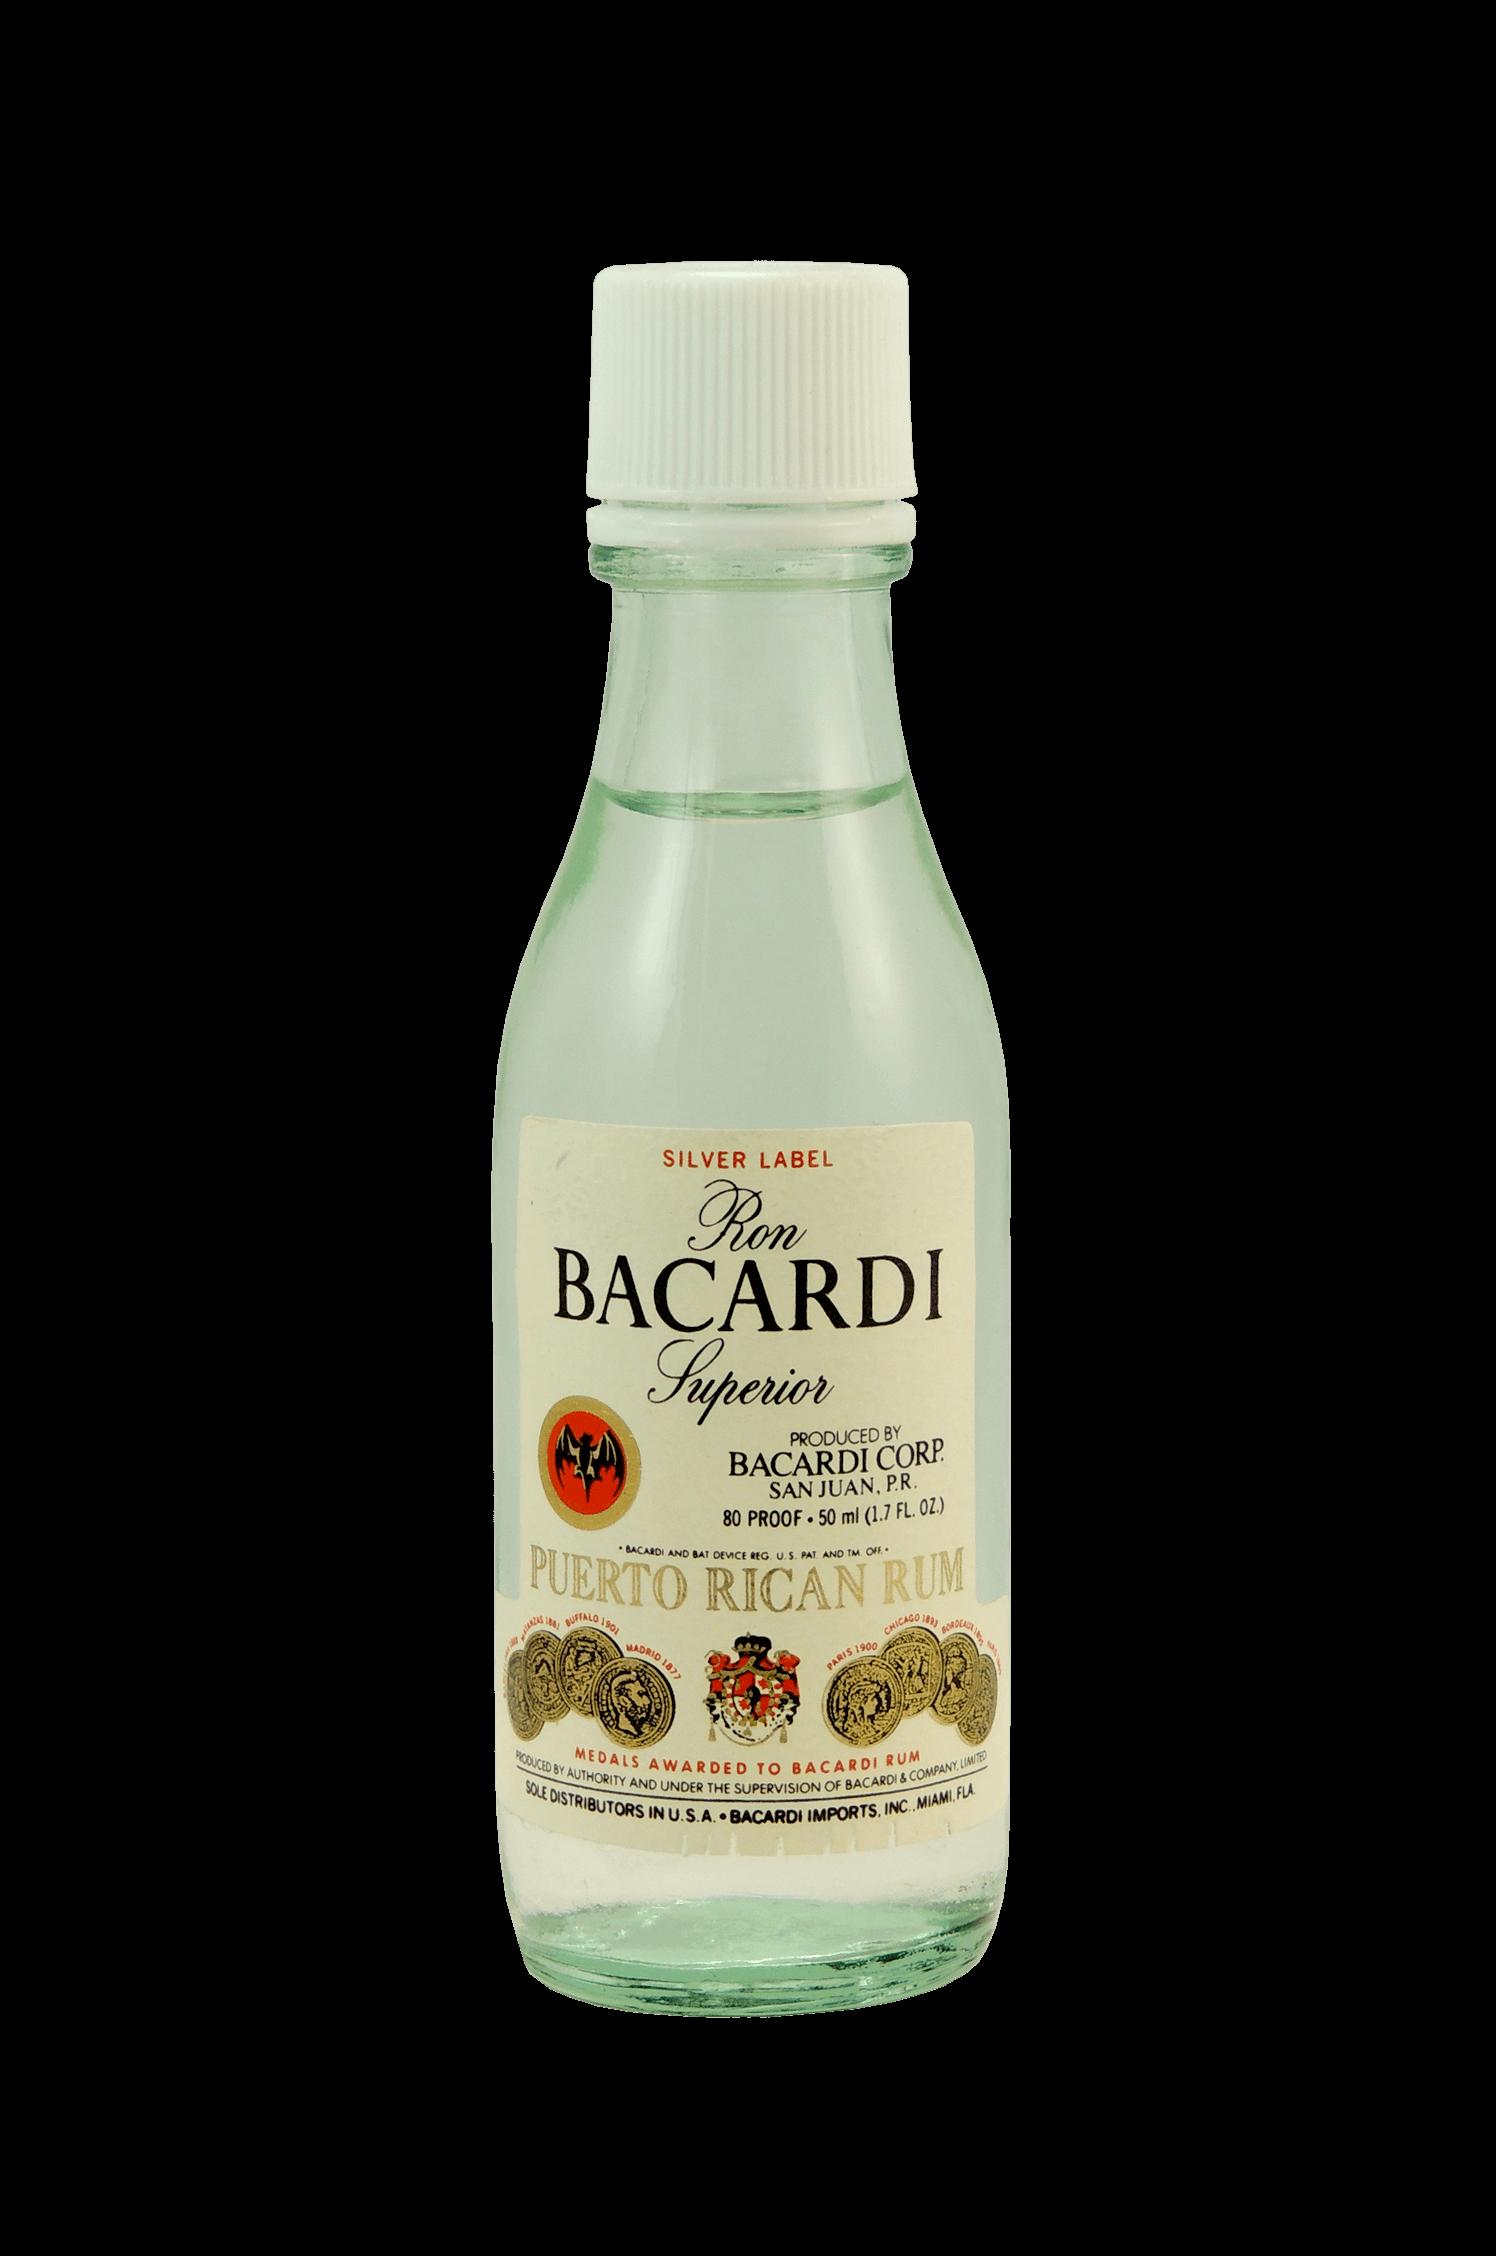 Bacardi Puerto Rican Rum